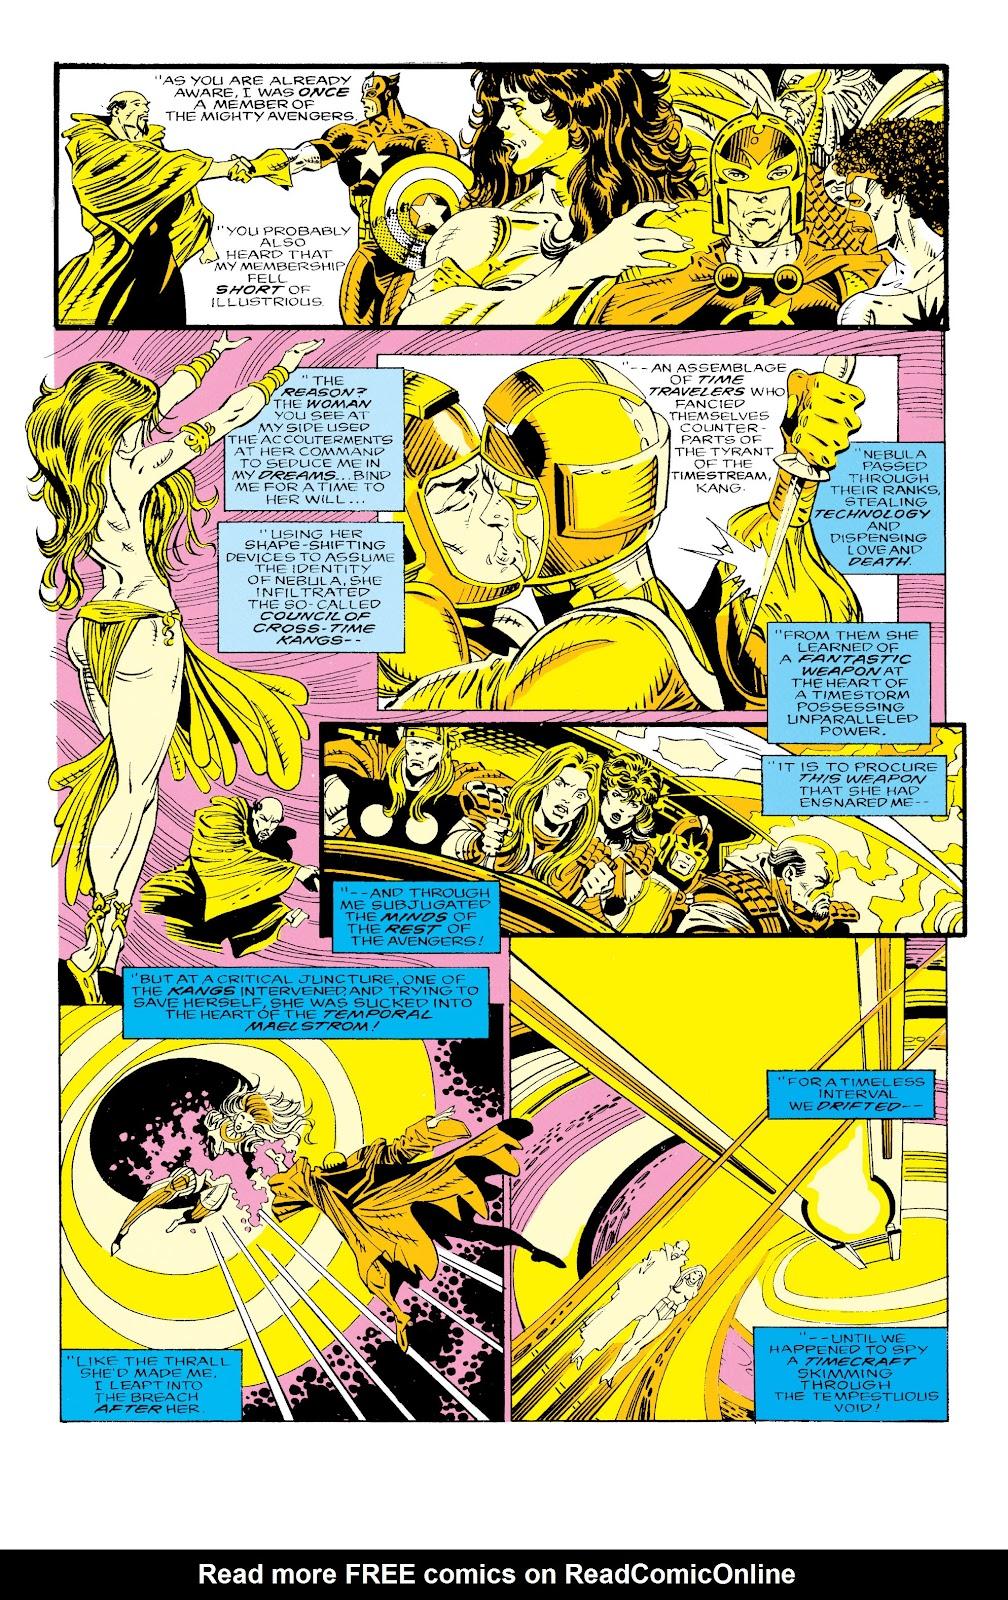 Read online Avengers: Citizen Kang comic -  Issue # TPB (Part 2) - 20